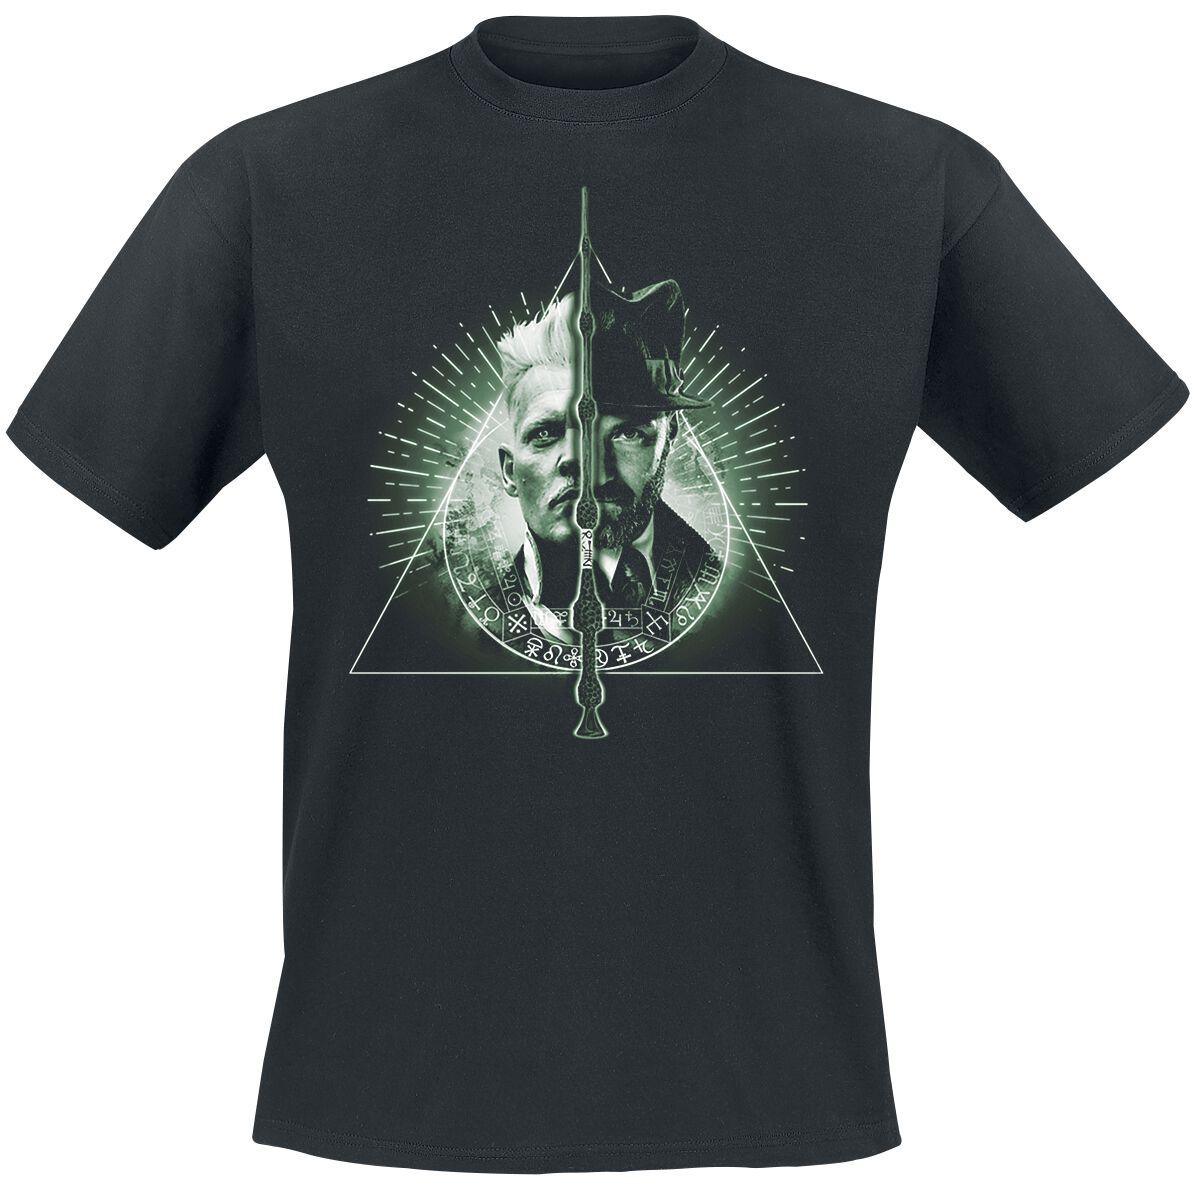 Image of   Fantastic Beasts Grindelwalds Verbrechen - Heiligtümer des Todes T-Shirt sort